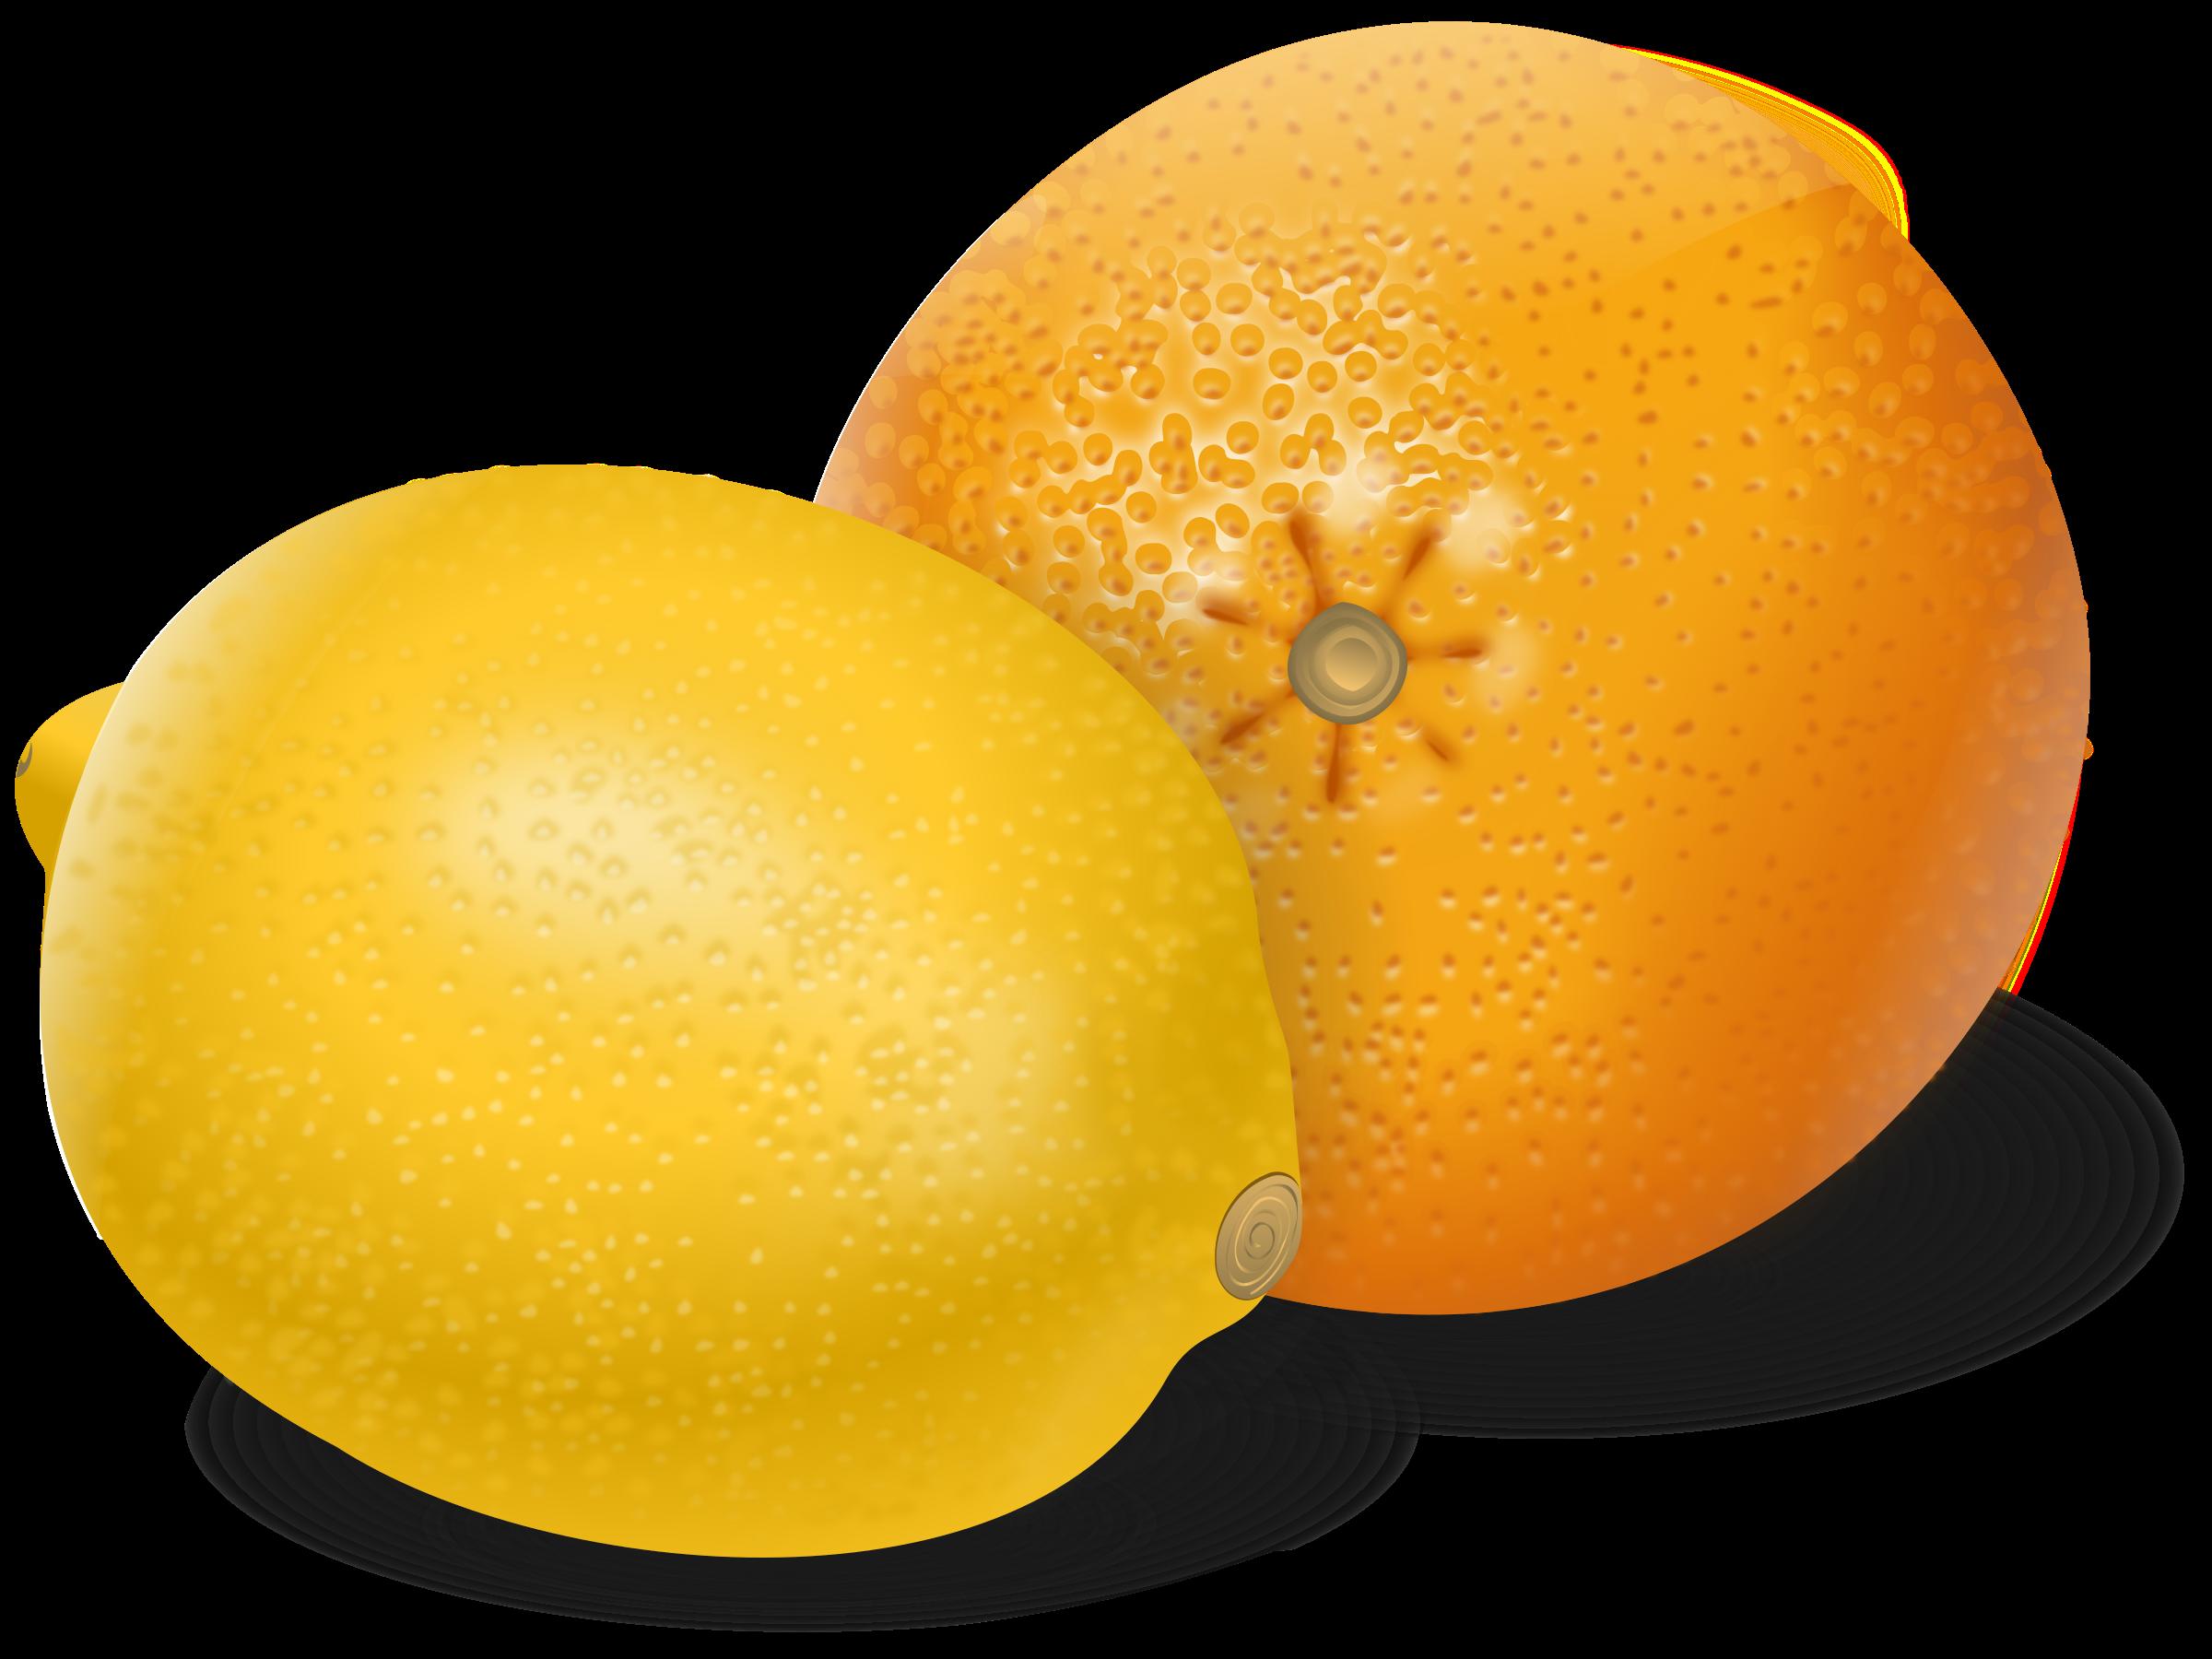 Orange fruits big image. Fruit clipart lemon